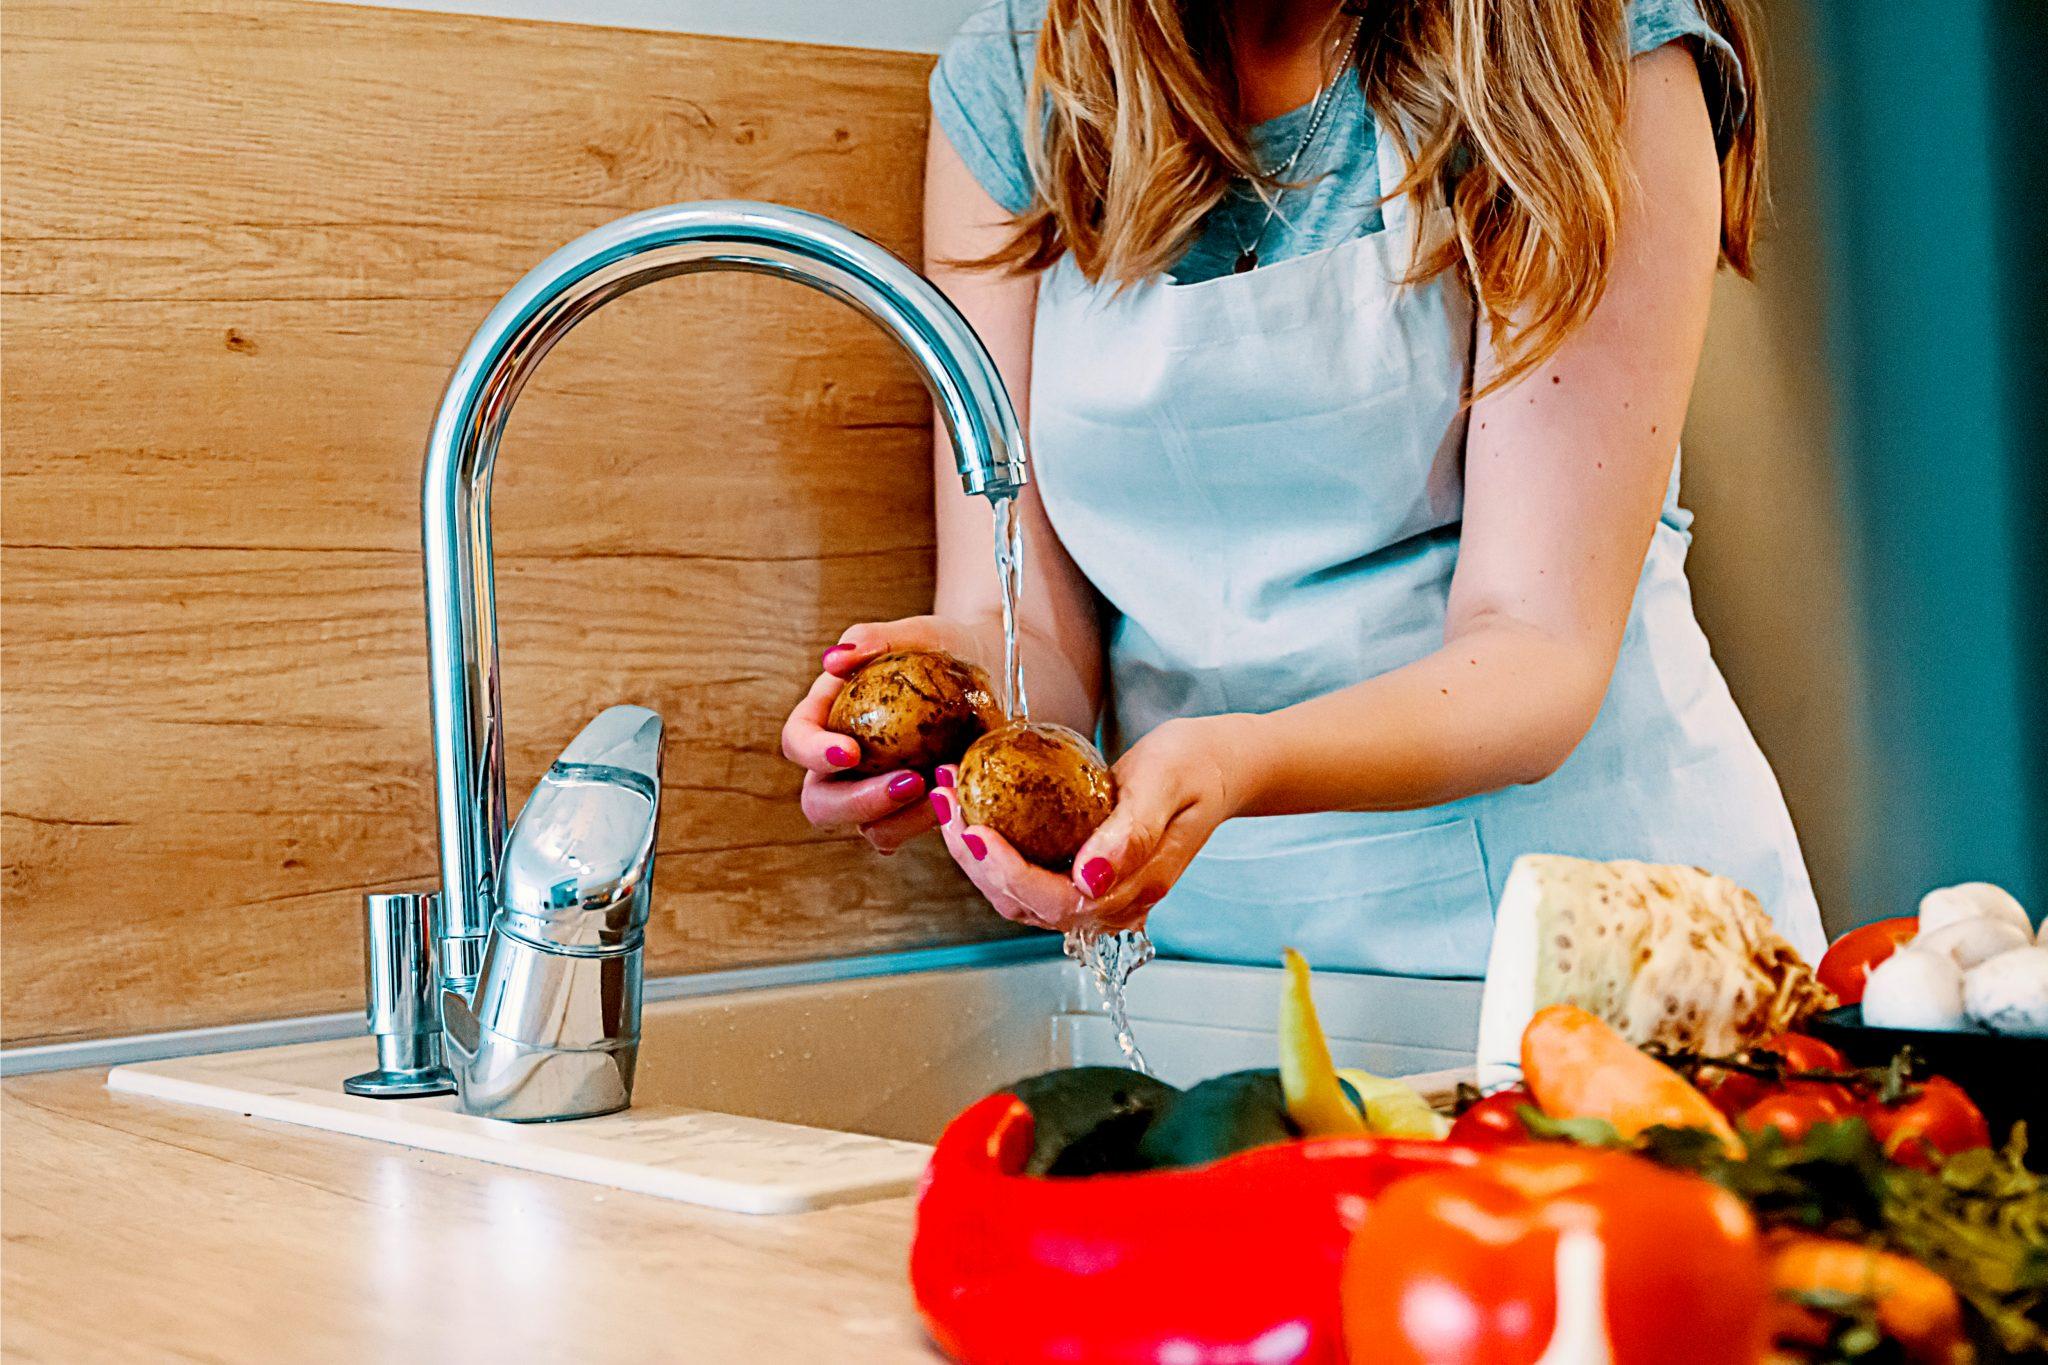 キッチンでジャガイモを洗っている主婦